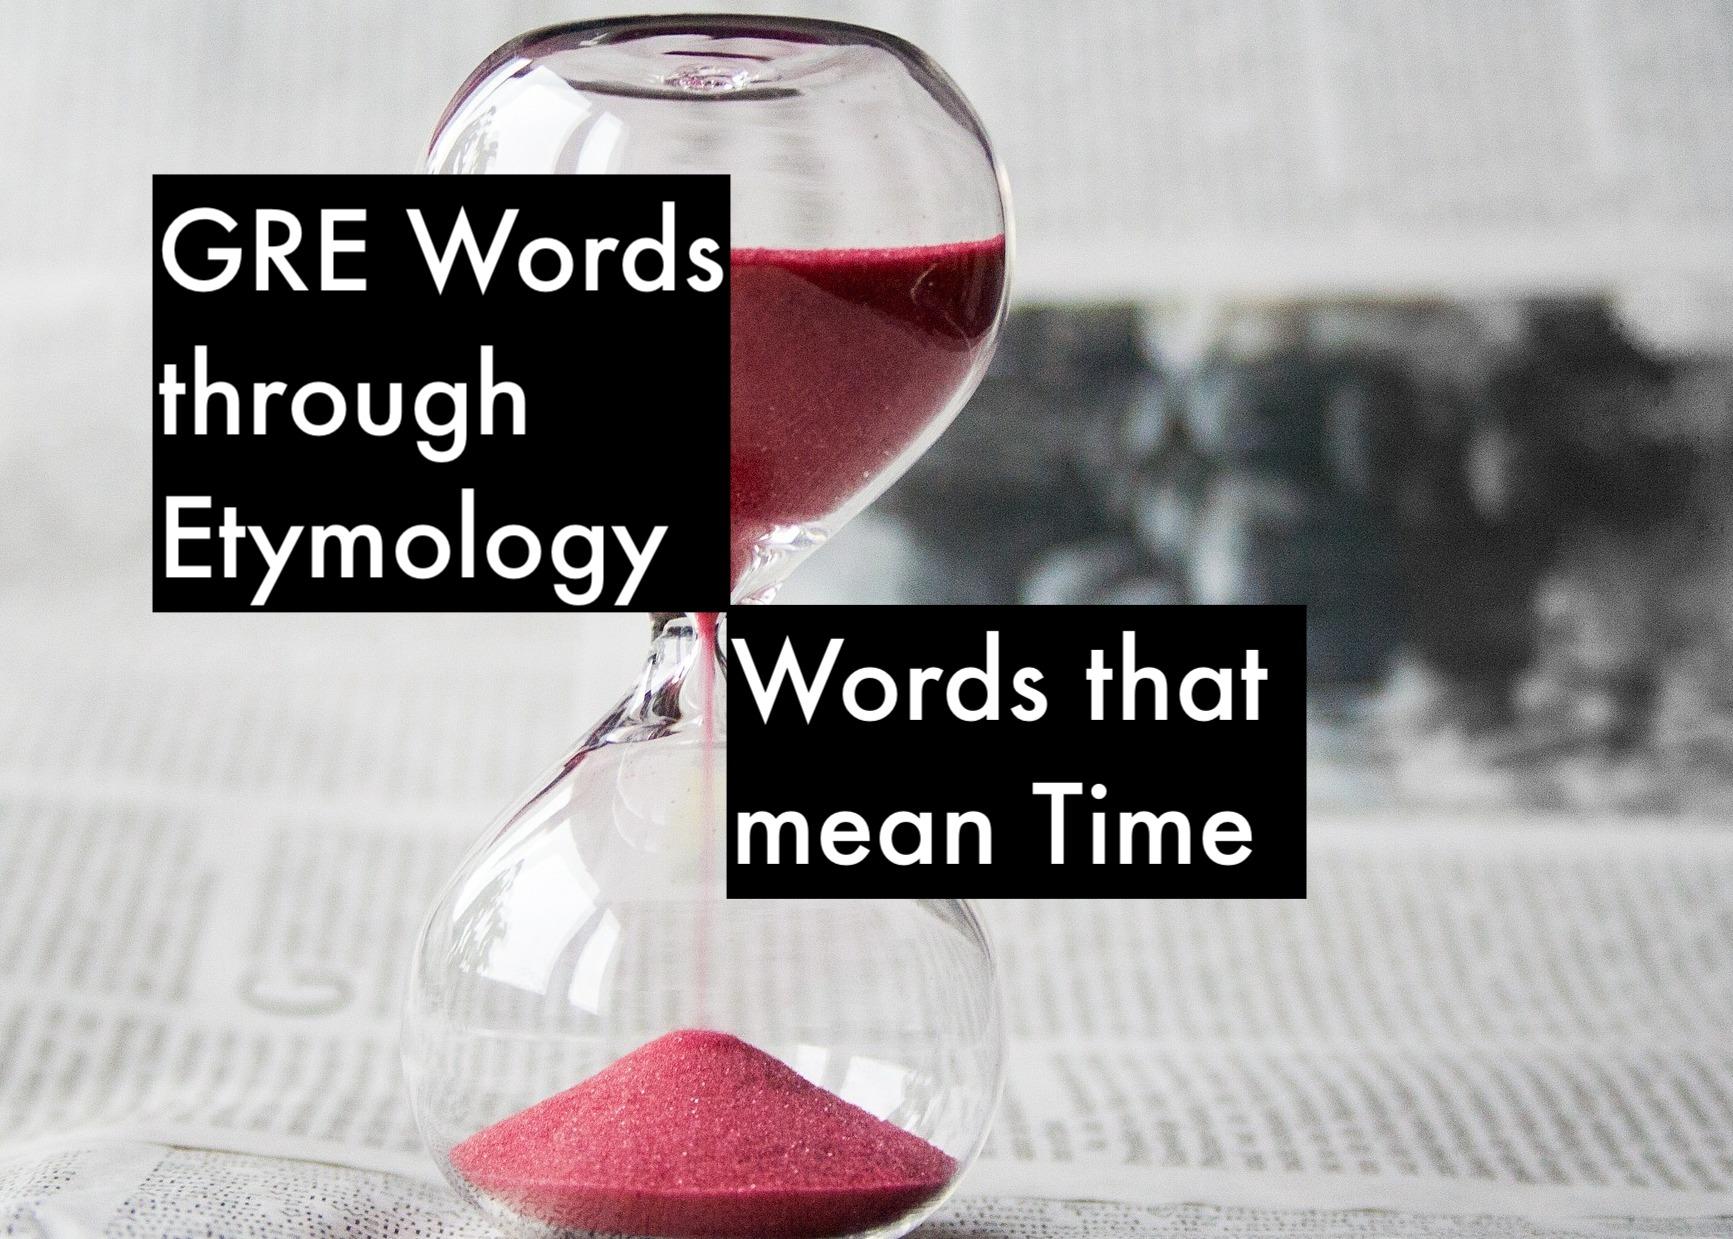 GRE Words through etymology